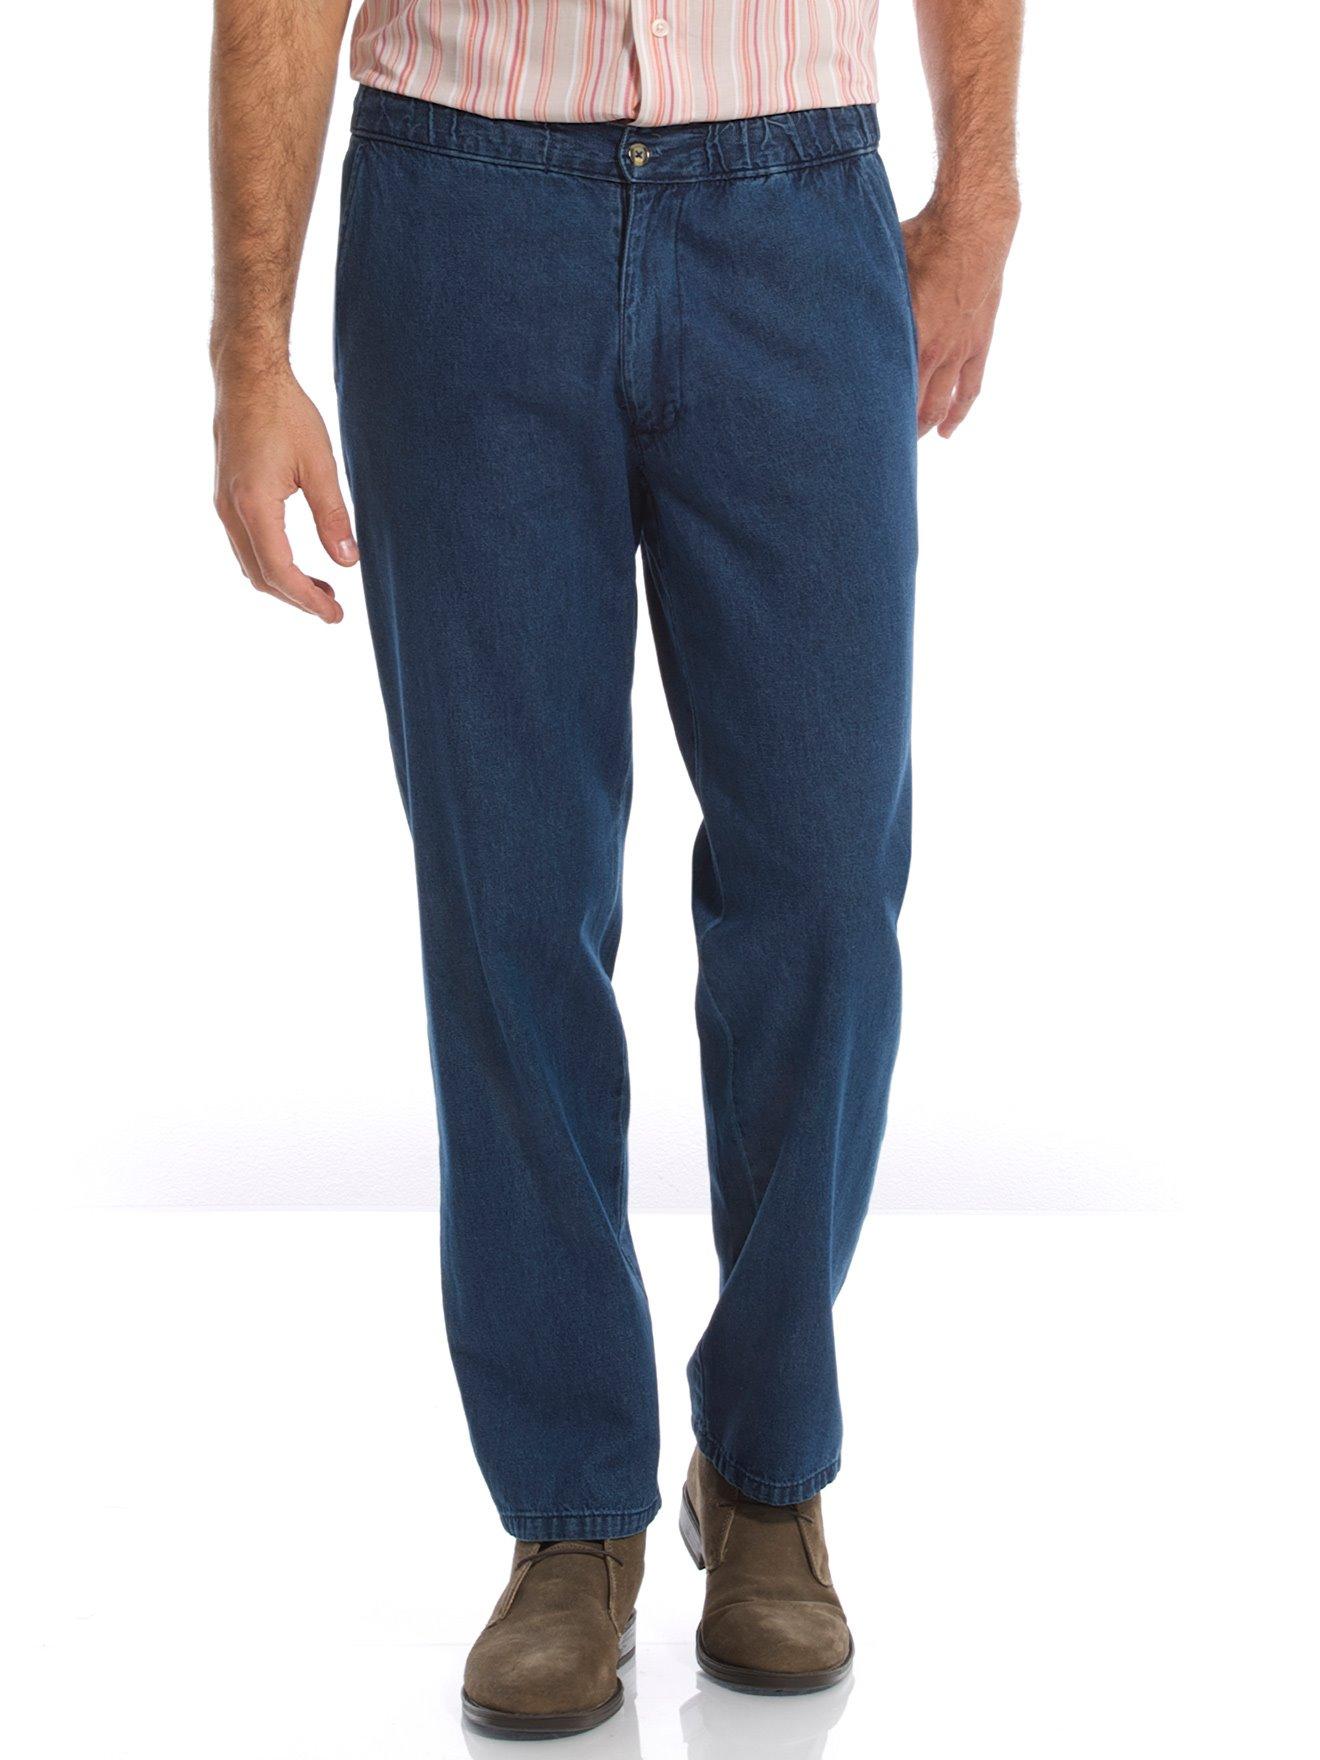 a72239a0997d Jean droit pur coton